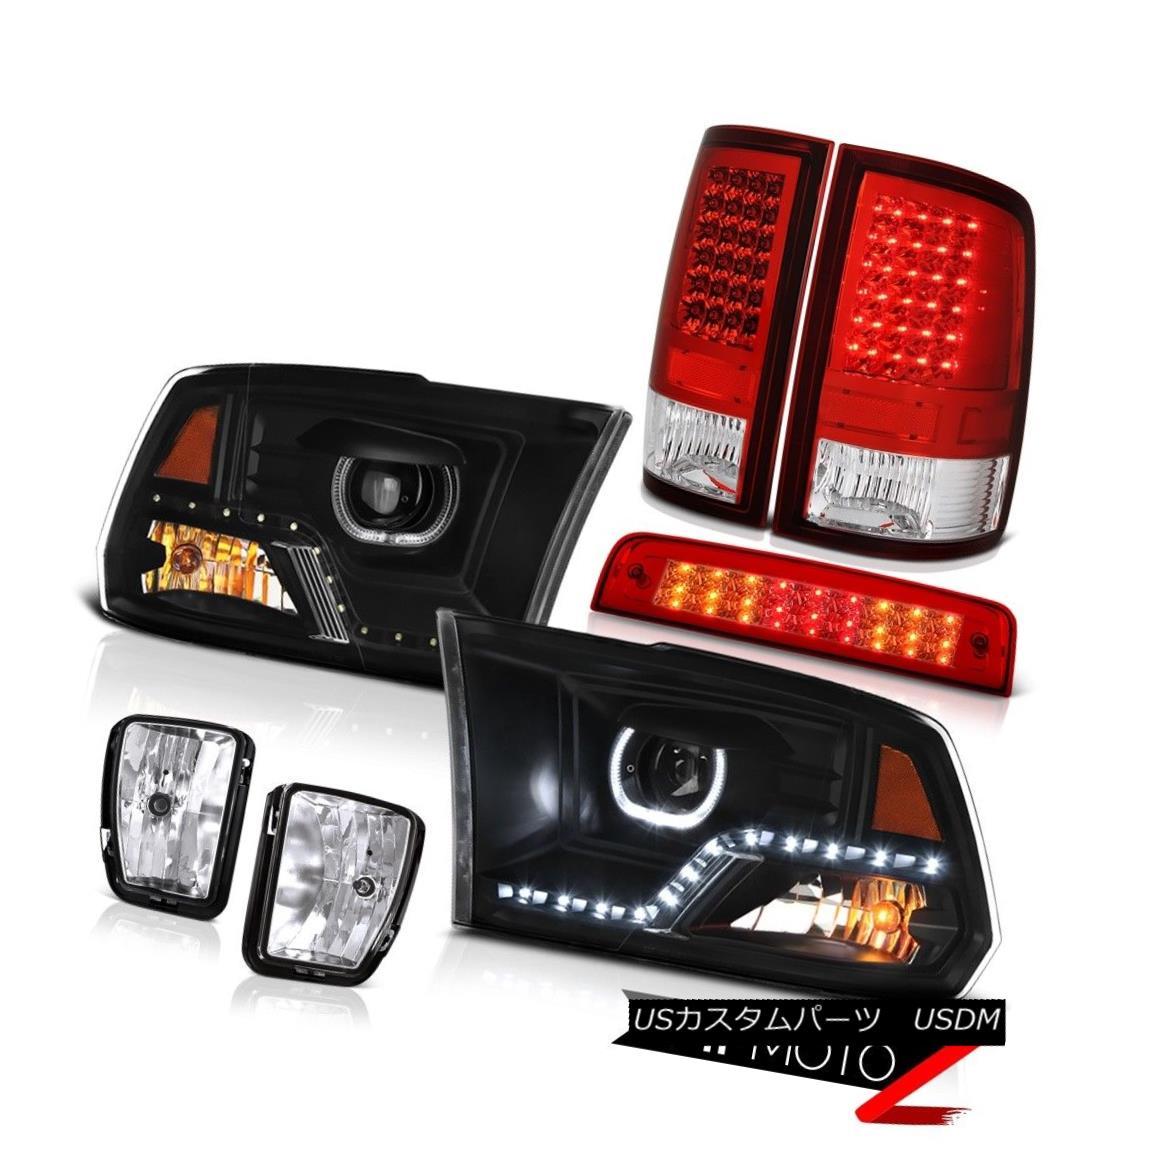 ヘッドライト 13-18 RAM 1500 Headlight Bloody Red Brake Light Tail Fog Light Assembly SET PAIR 13-18 RAM 1500ヘッドライトブラッディレッドブレーキライトテールフォグライトアセンブリSET PAIR